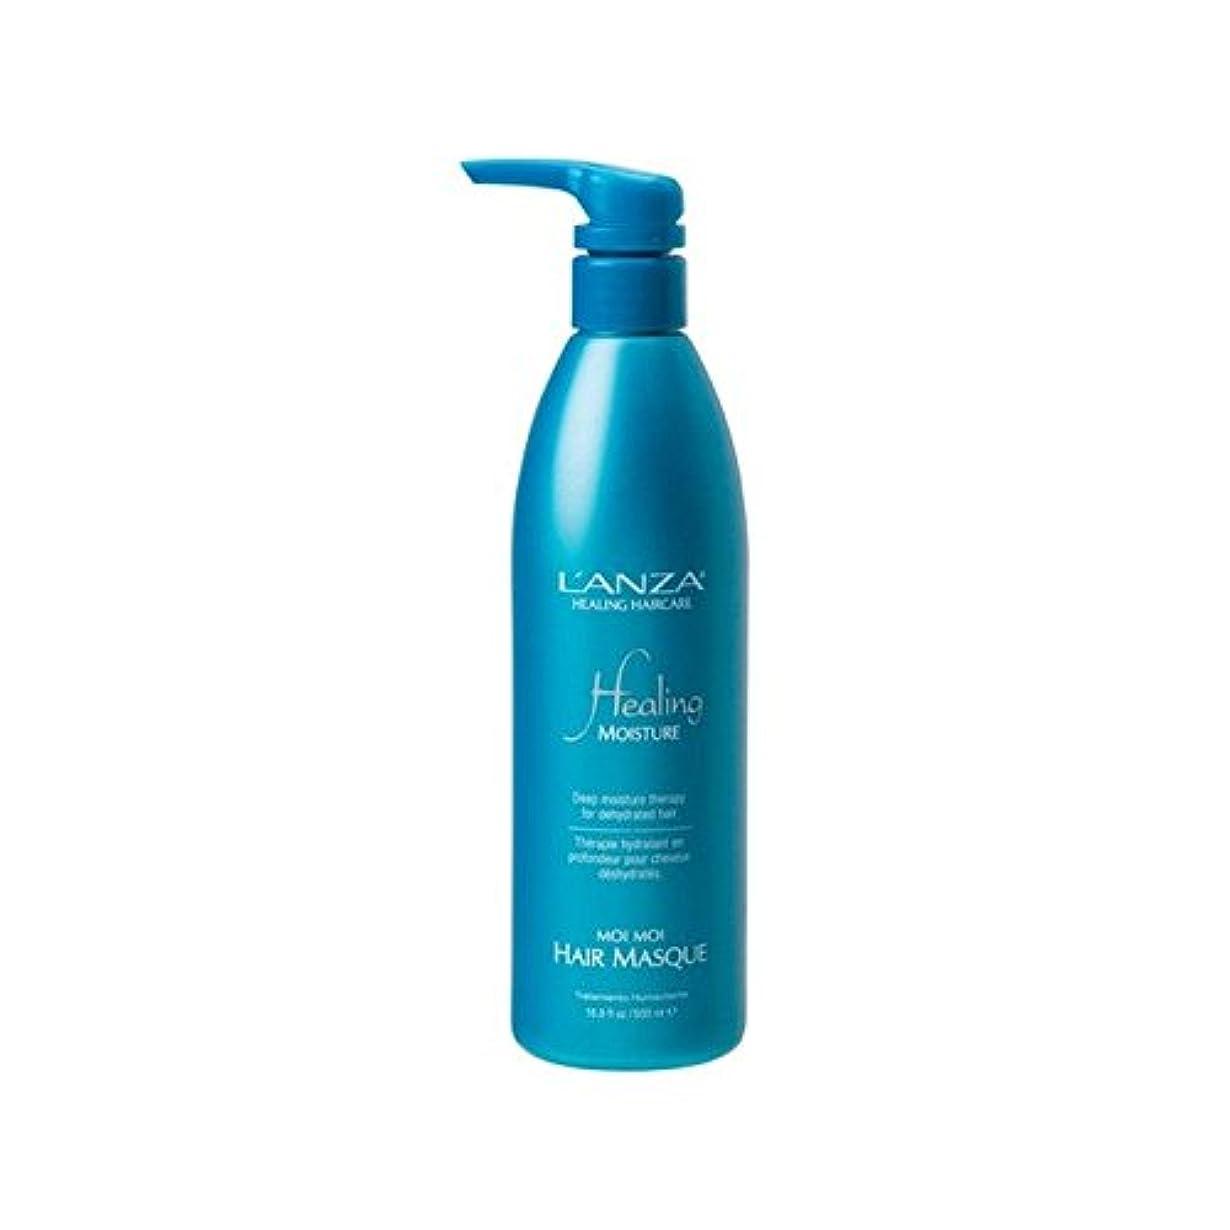 フォーク前にバングアンザ癒しの水分モイモイヘア仮面劇(500ミリリットル) x2 - L'Anza Healing Moisture Moi Moi Hair Masque (500ml) (Pack of 2) [並行輸入品]